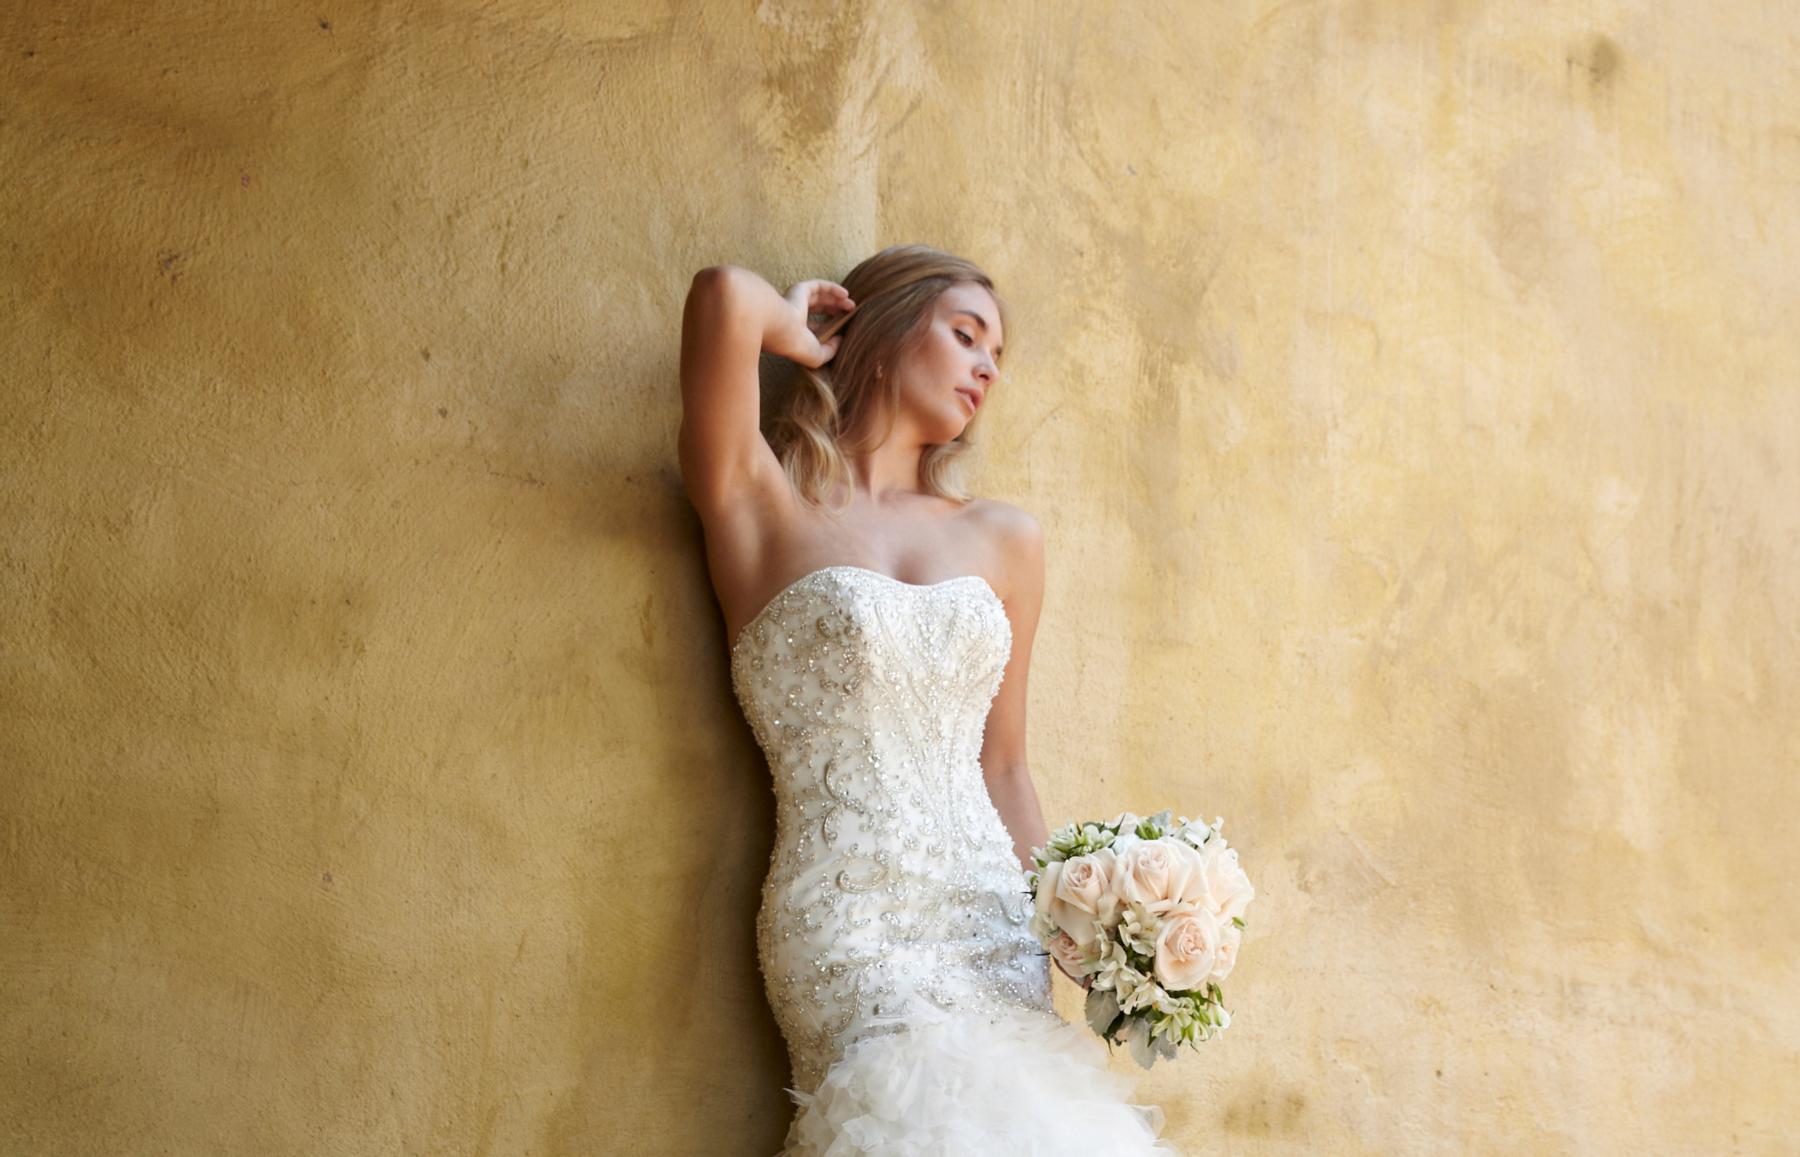 Fiore Couture